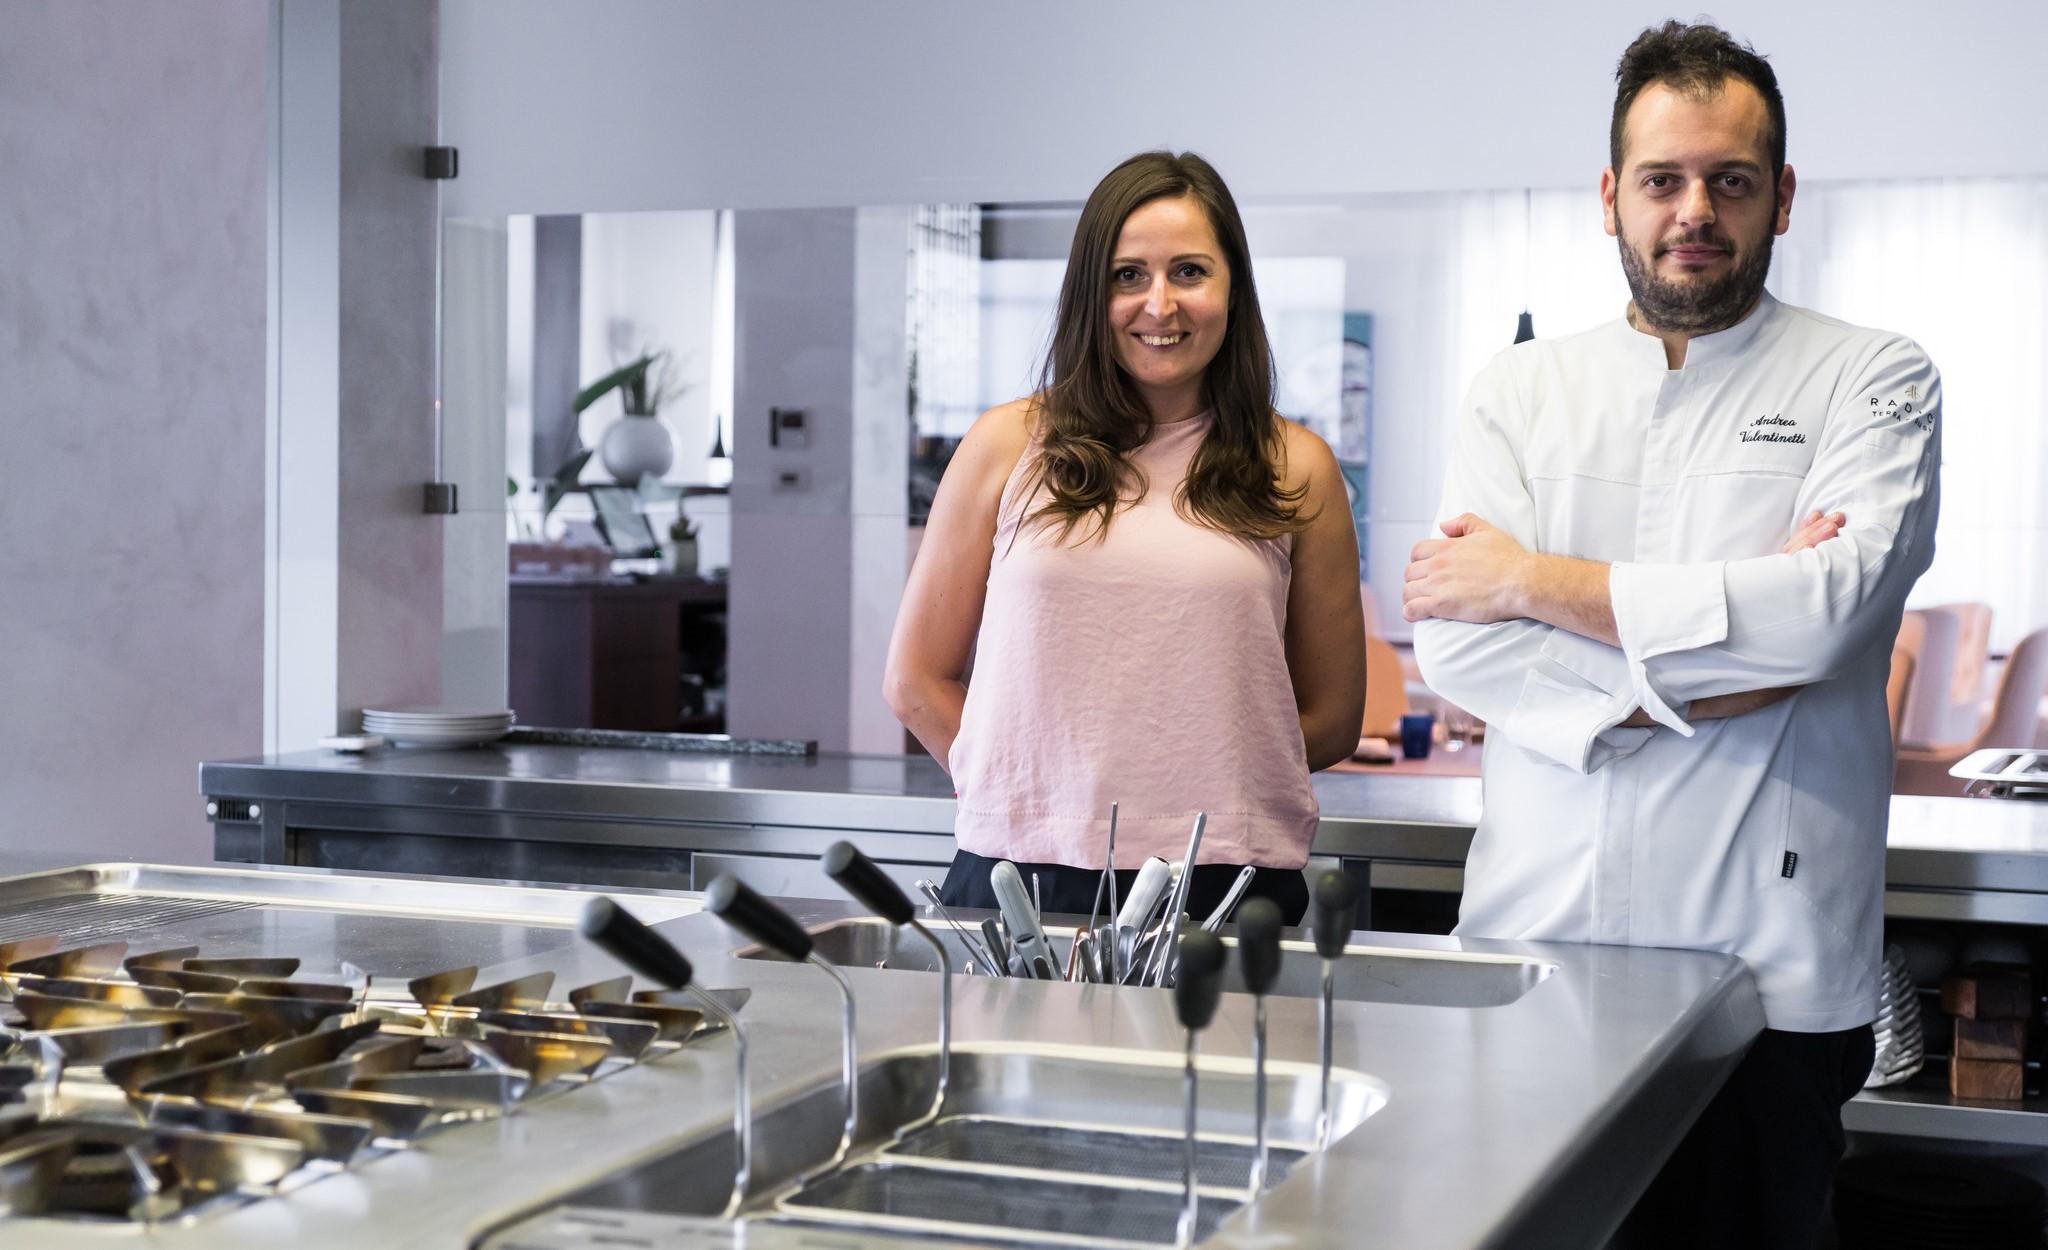 Cucina da premio, vince il Ristorante Radici di Padova